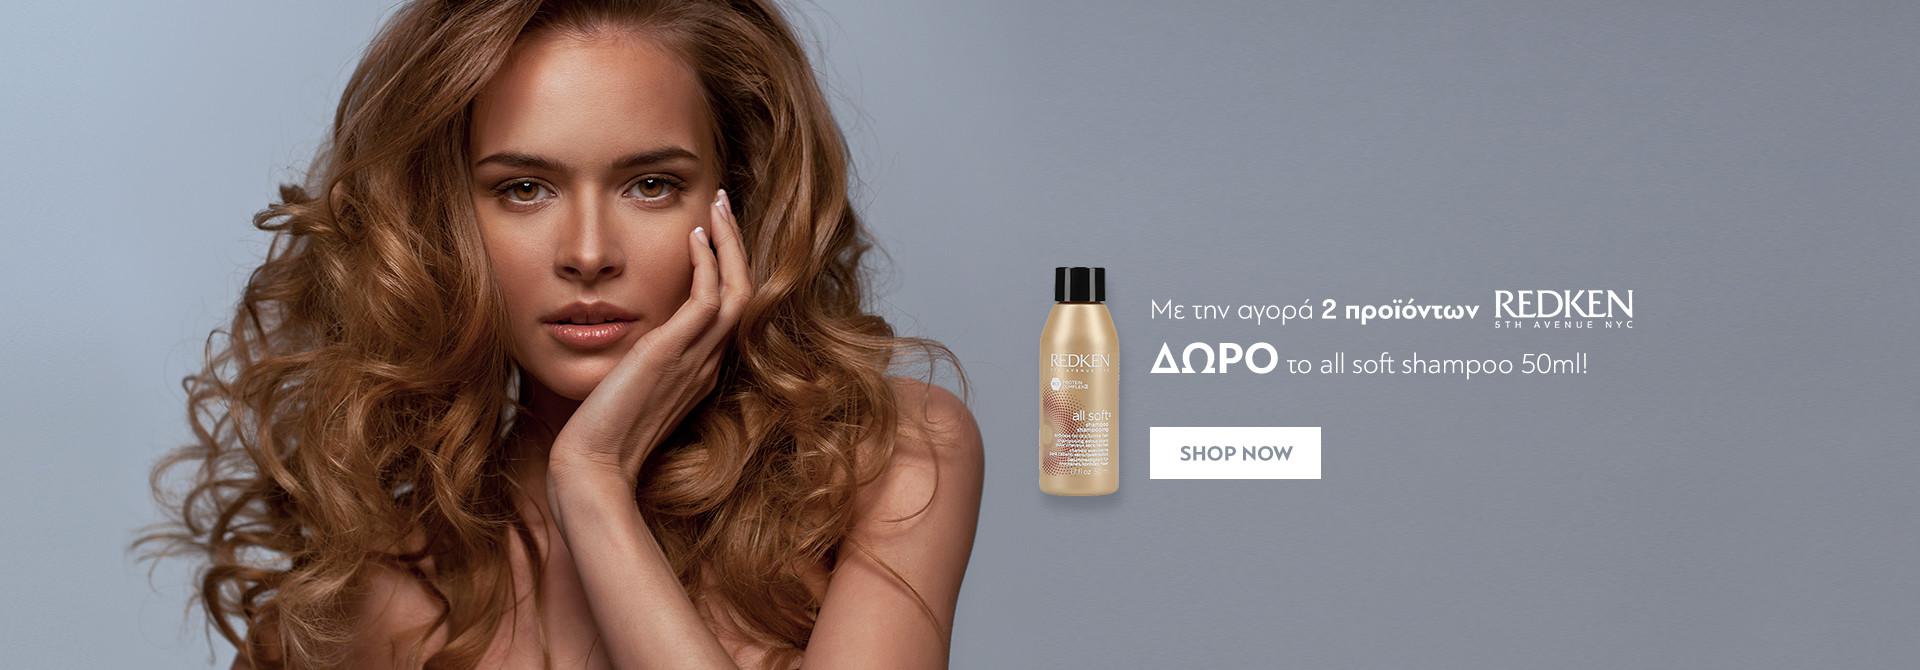 Δώρο-Redken All Soft Shampoo